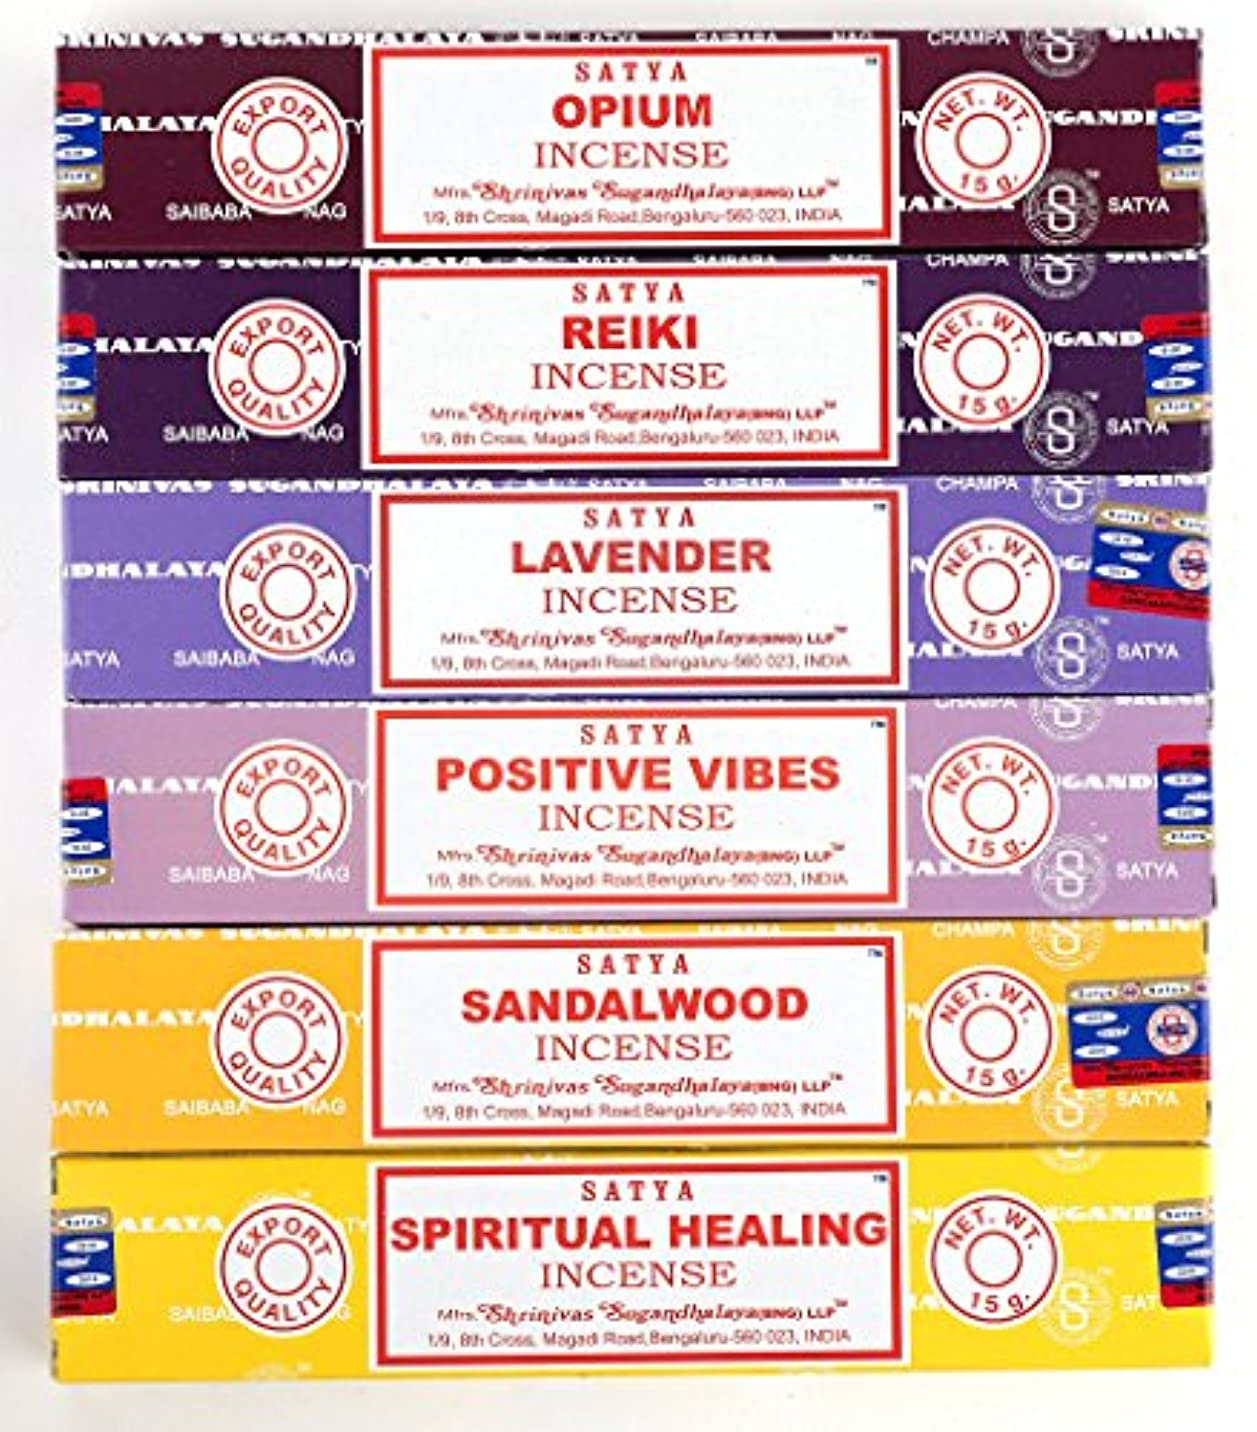 面積反響する生き残りますNag Champa 6 Piece Variety Pack – Opium、レイキ、ラベンダー、Positive Vibes、サンダルウッド、Spiritual Healing